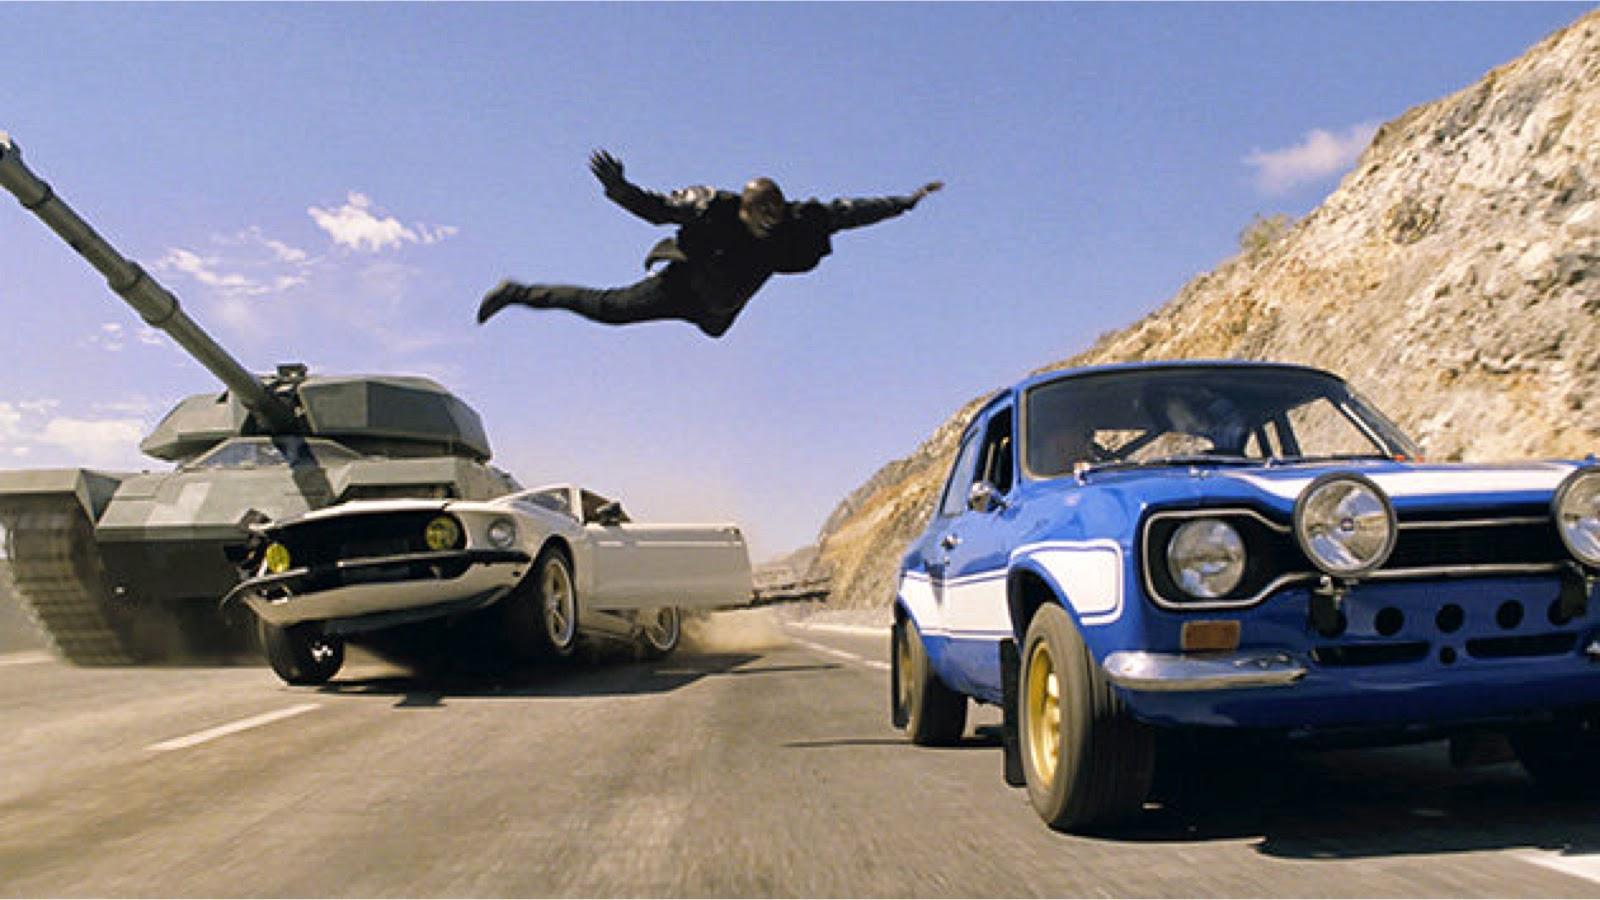 Espectacular carrera entre el tanque y el equipo de Toretto